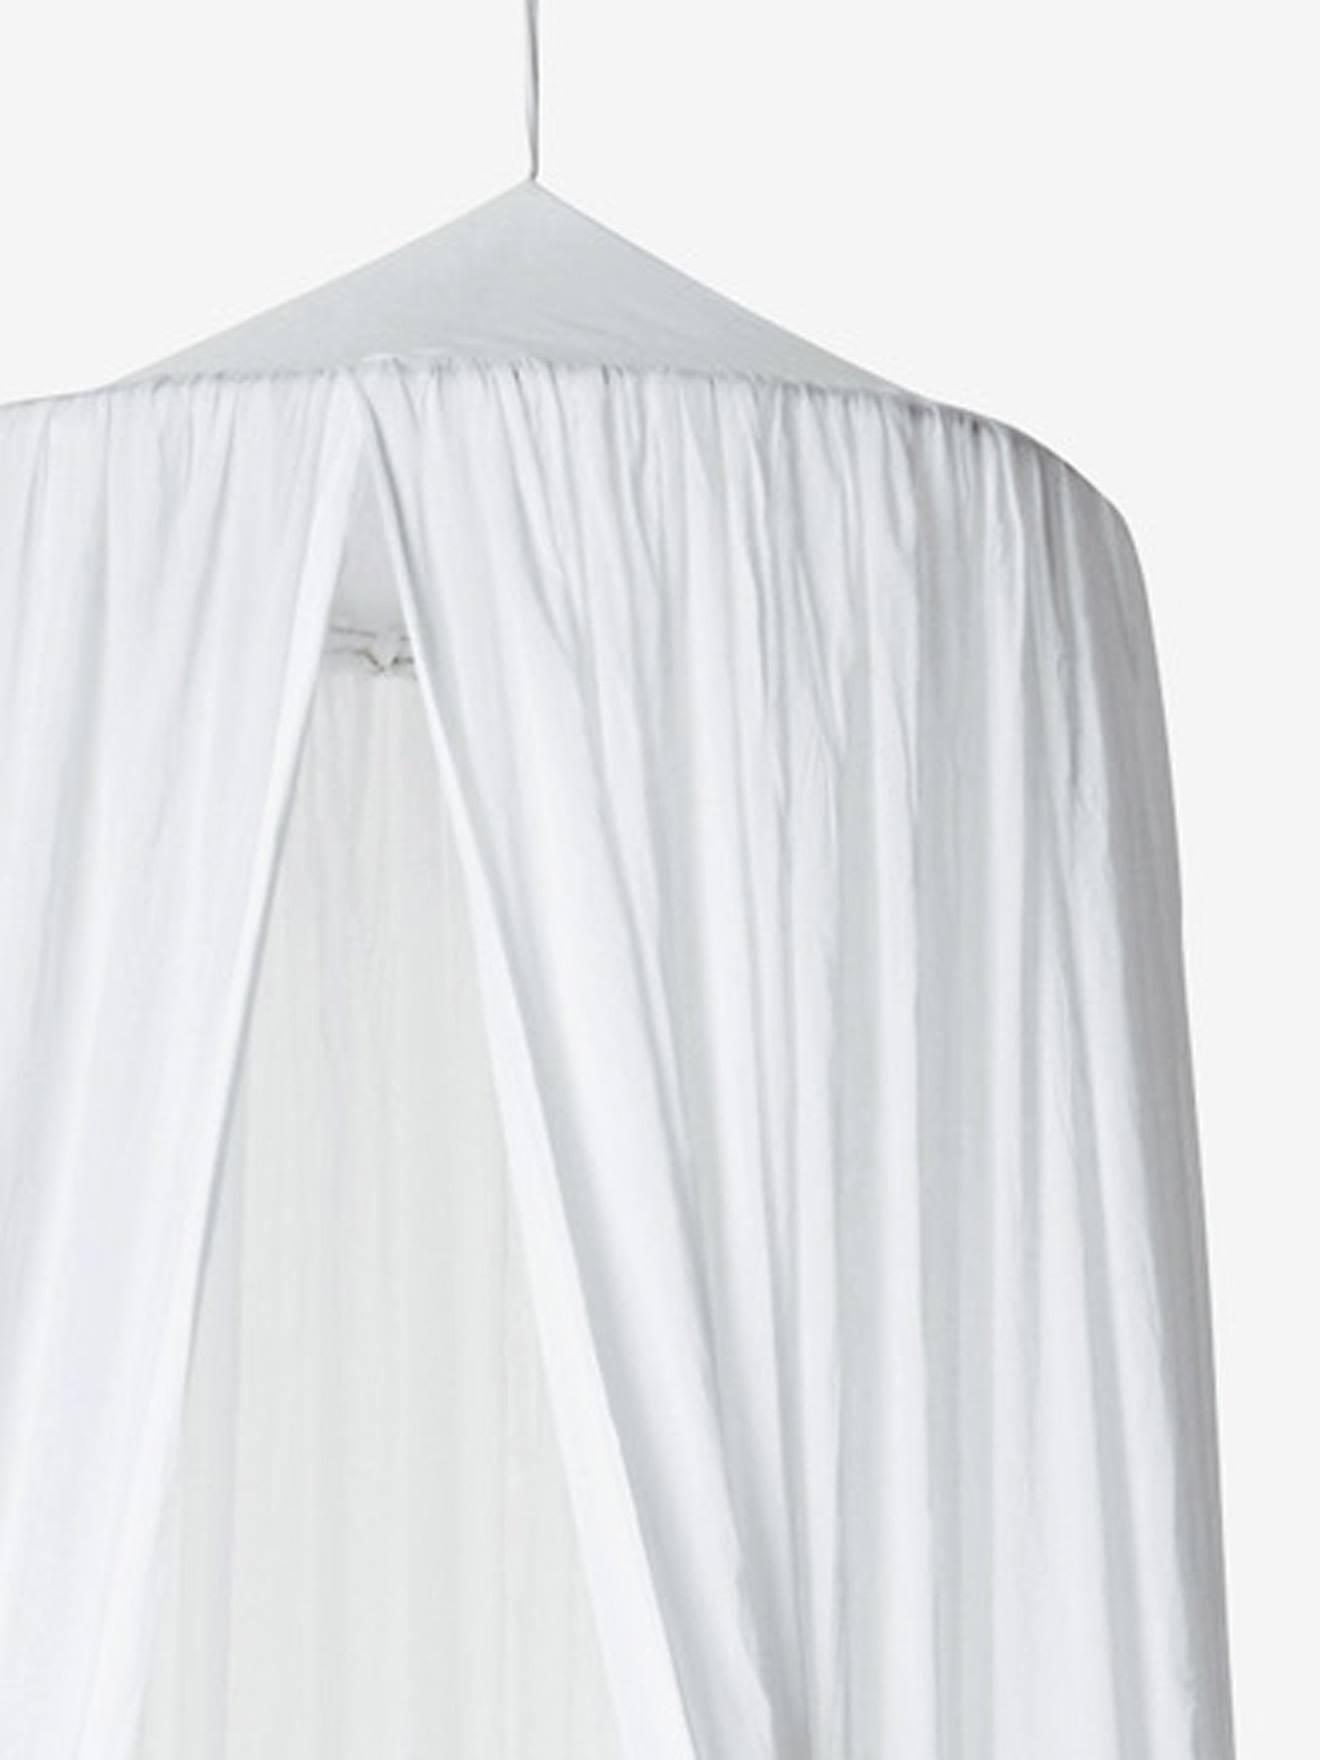 Ciel de lit Cocoon blanc  Vertbaudet